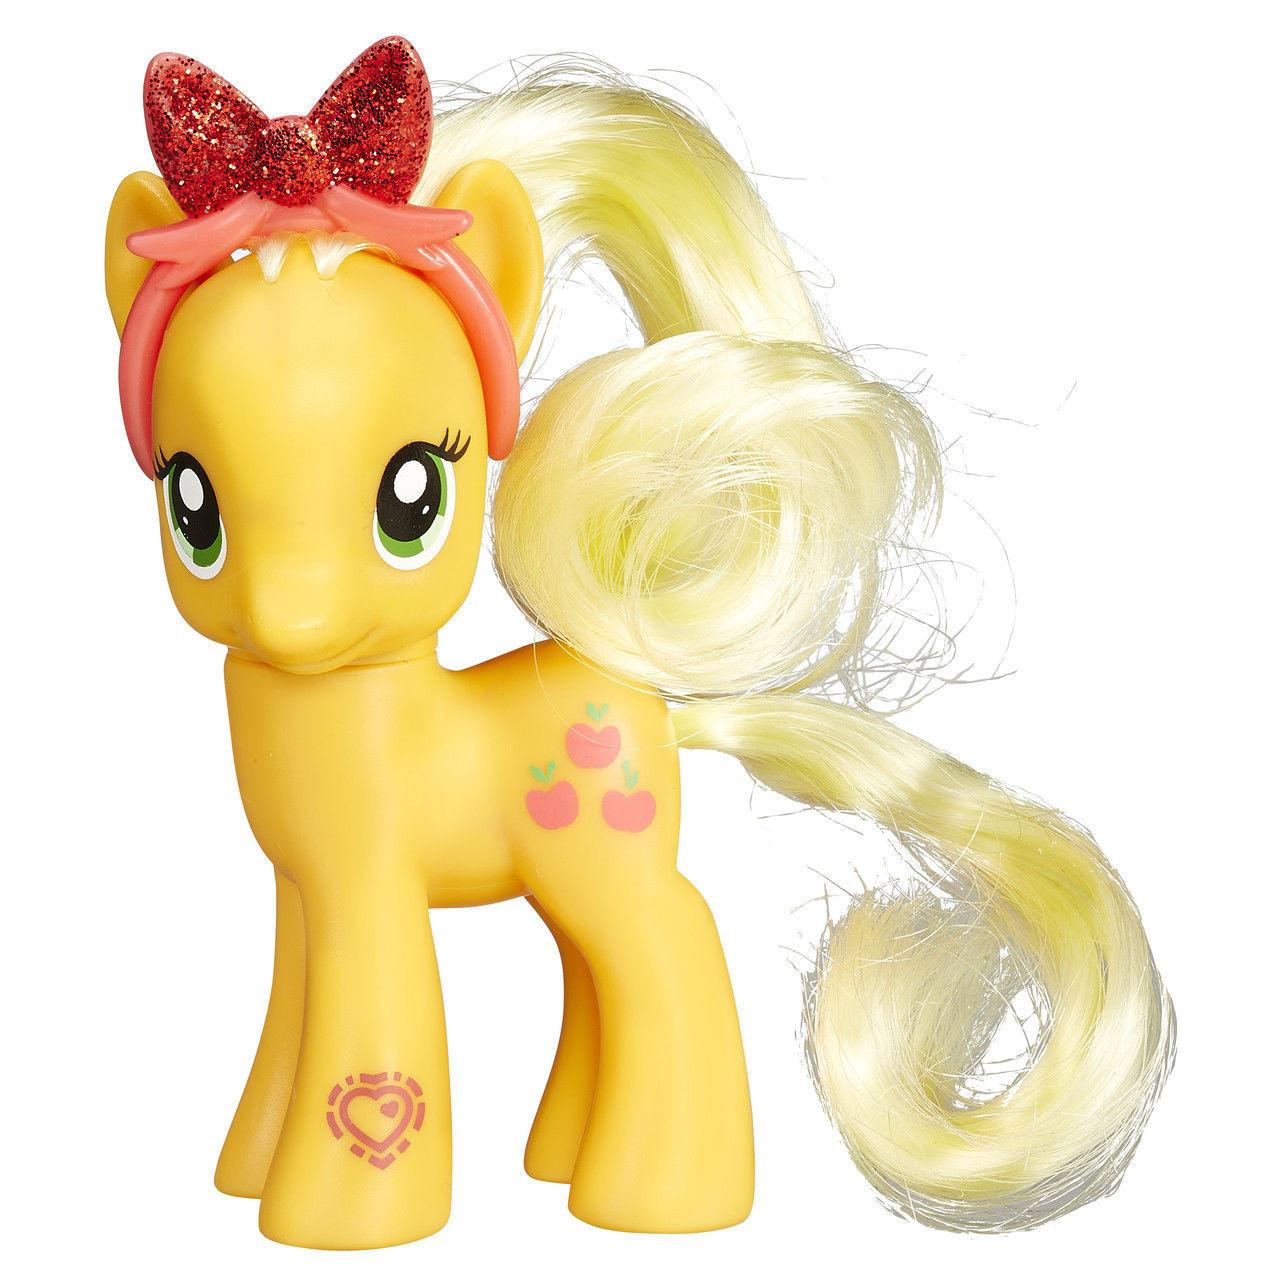 Пони фигурка Эпл Джек Май Литл Пони Мой Маленький пони My Little Pony Hasbro B3599  B4815